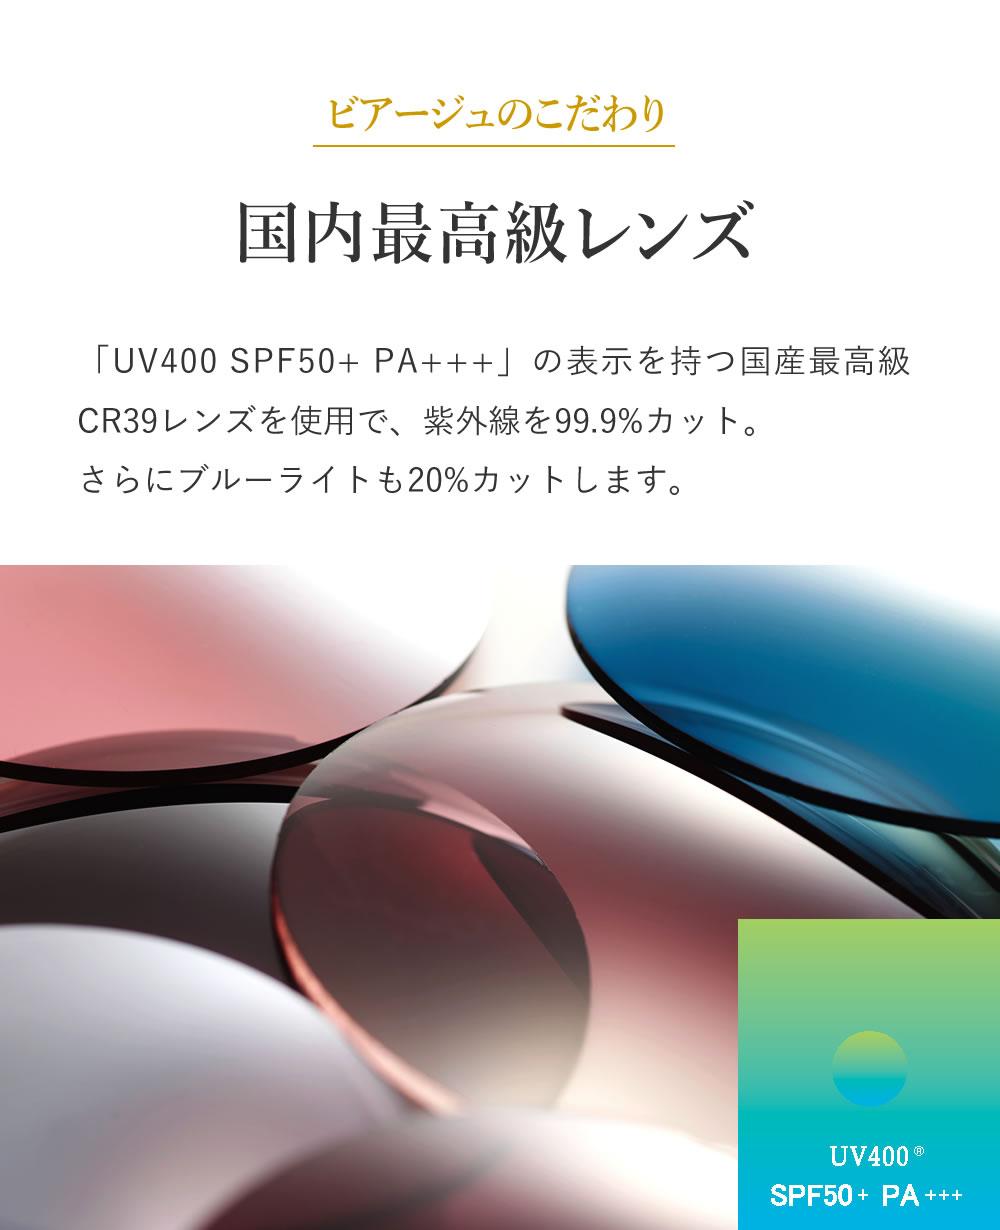 ビアージュのこだわり 最高級レンズ 「UV400 SPF50+ PA+++」の表示を持つ国産最高級CR39レンズを使用で、紫外線を99.9%カット。さらにブルーライトも20%カットします。